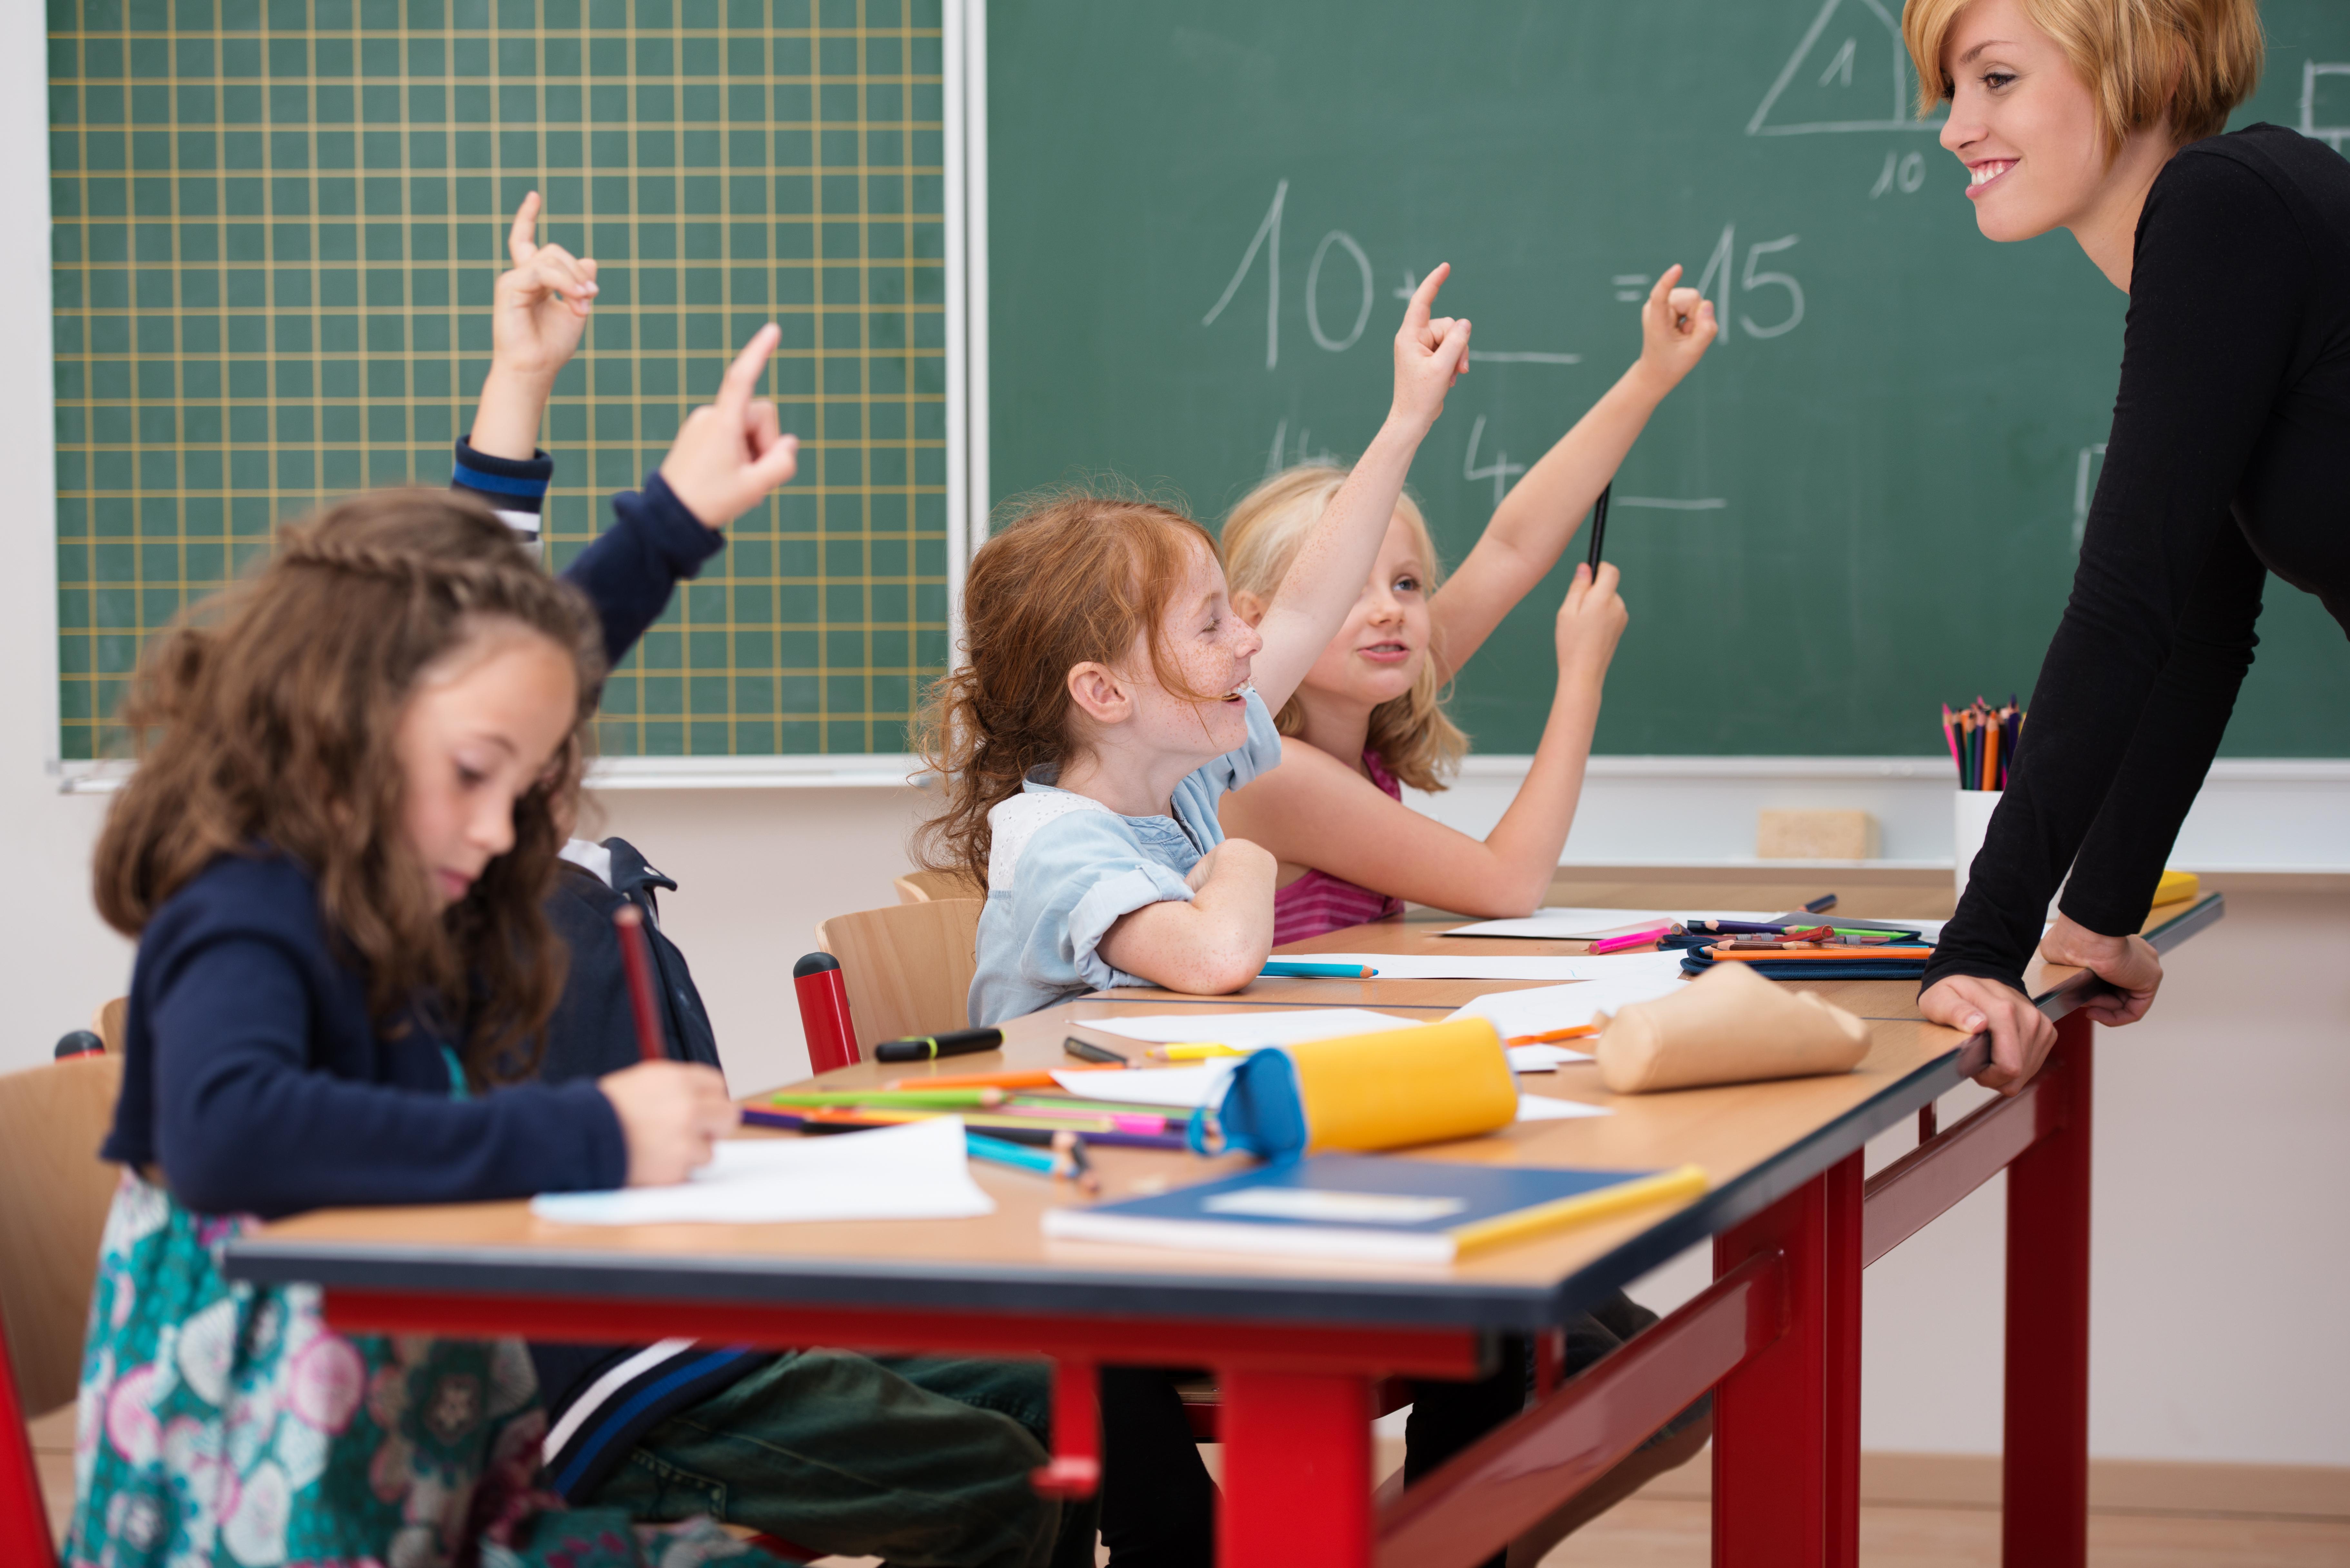 Las razones de la desmotivación en el aprendizaje